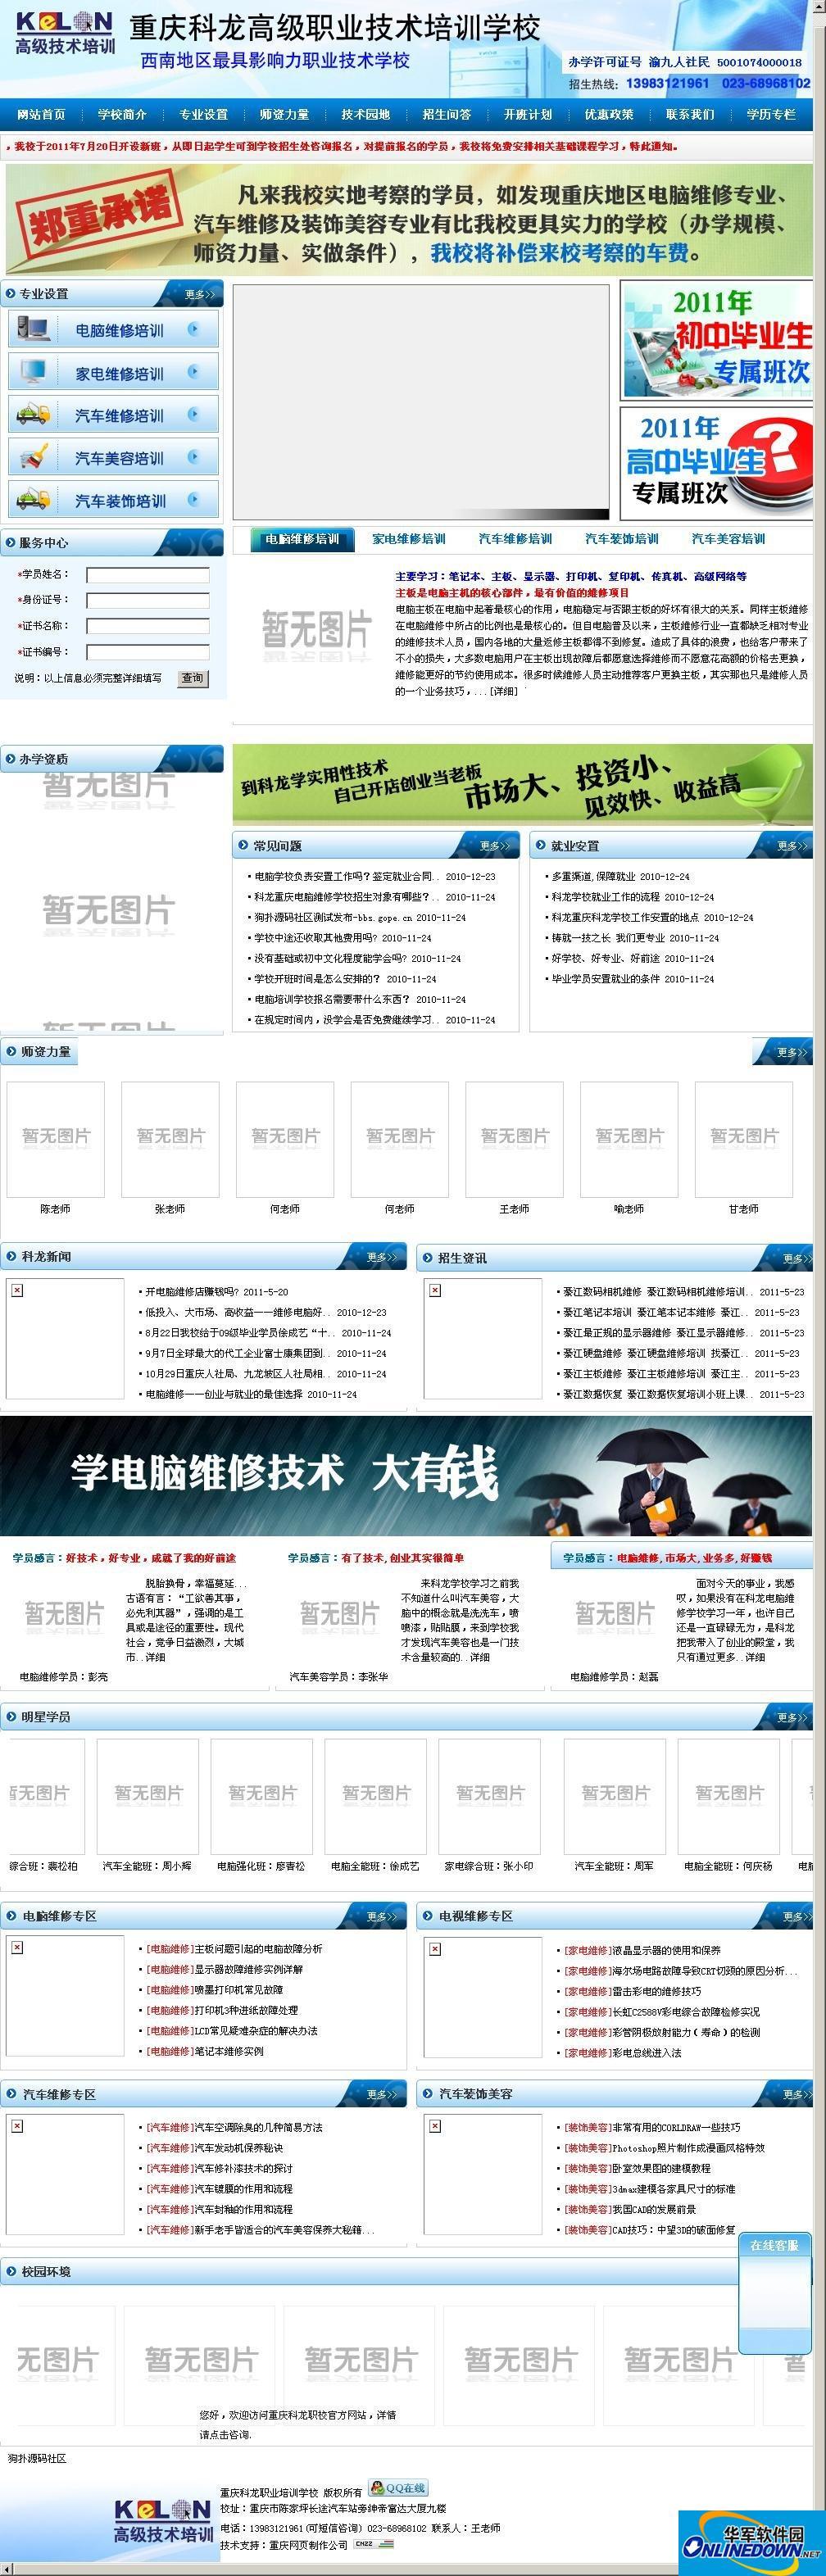 重庆职业技术学院